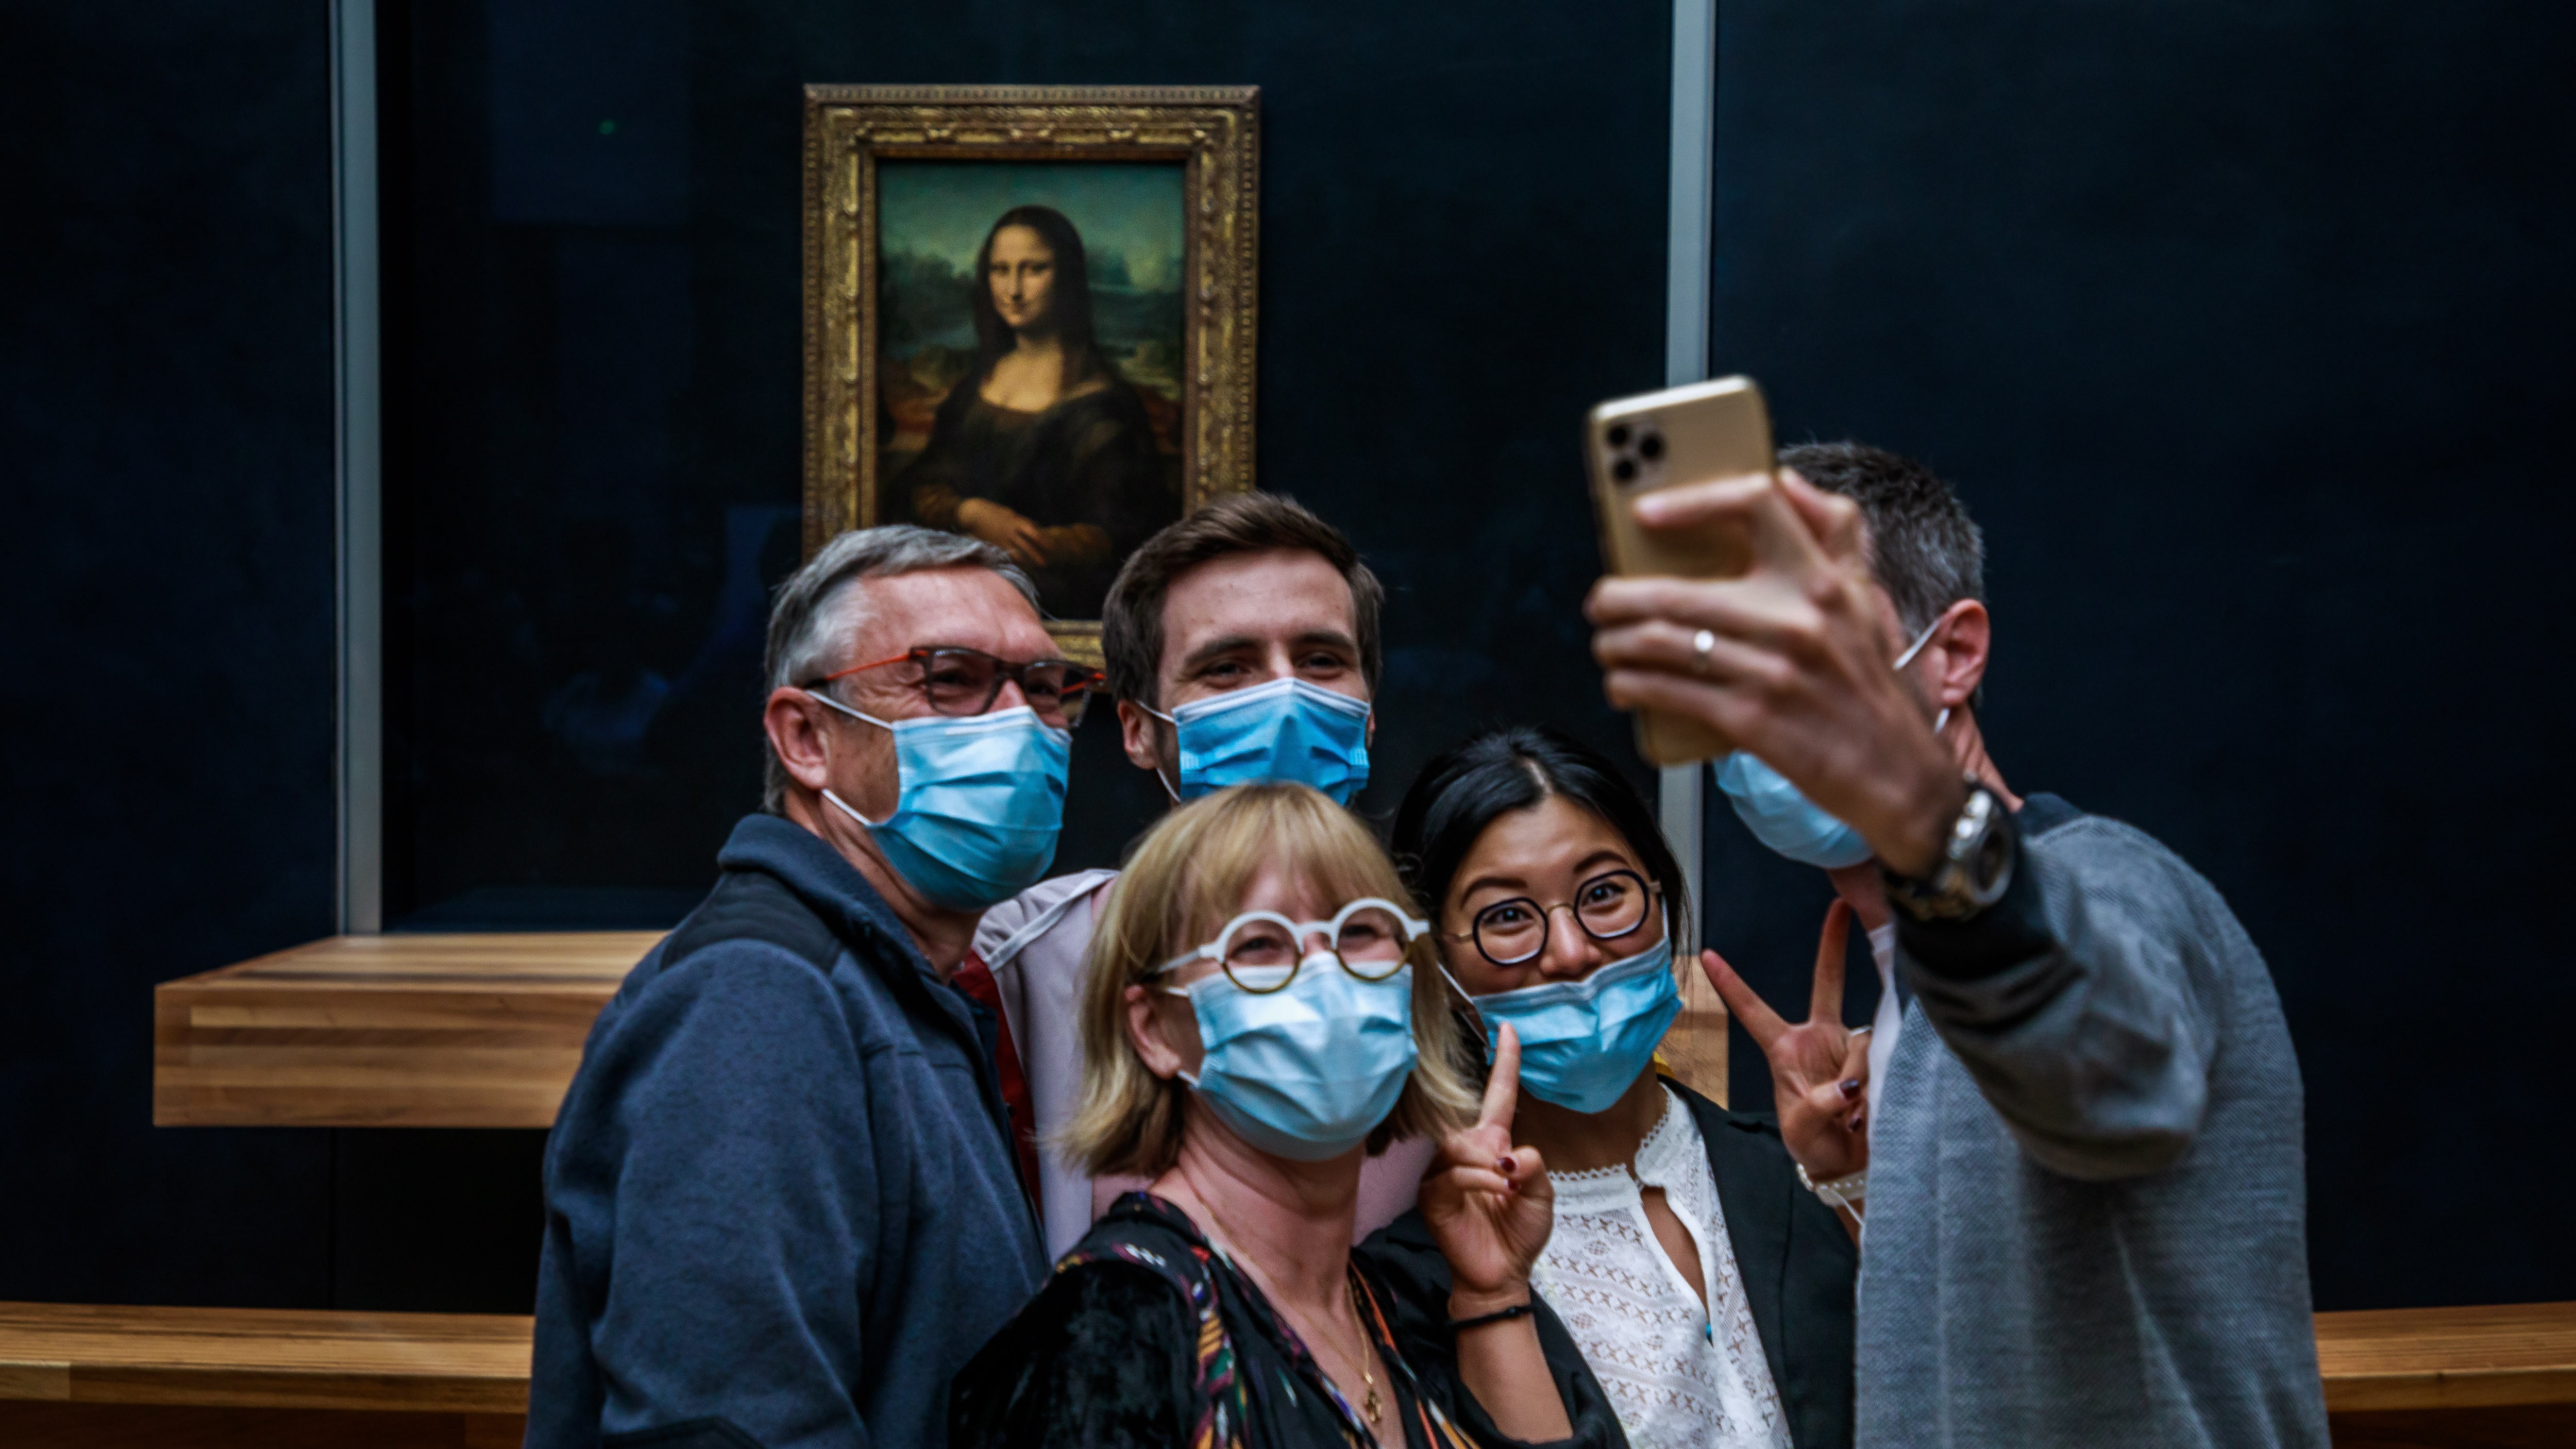 Látogatók szelfit készítenek Leonardo da Vinci Mona Lisa címû festményével a párizsi Louvre múzeumban